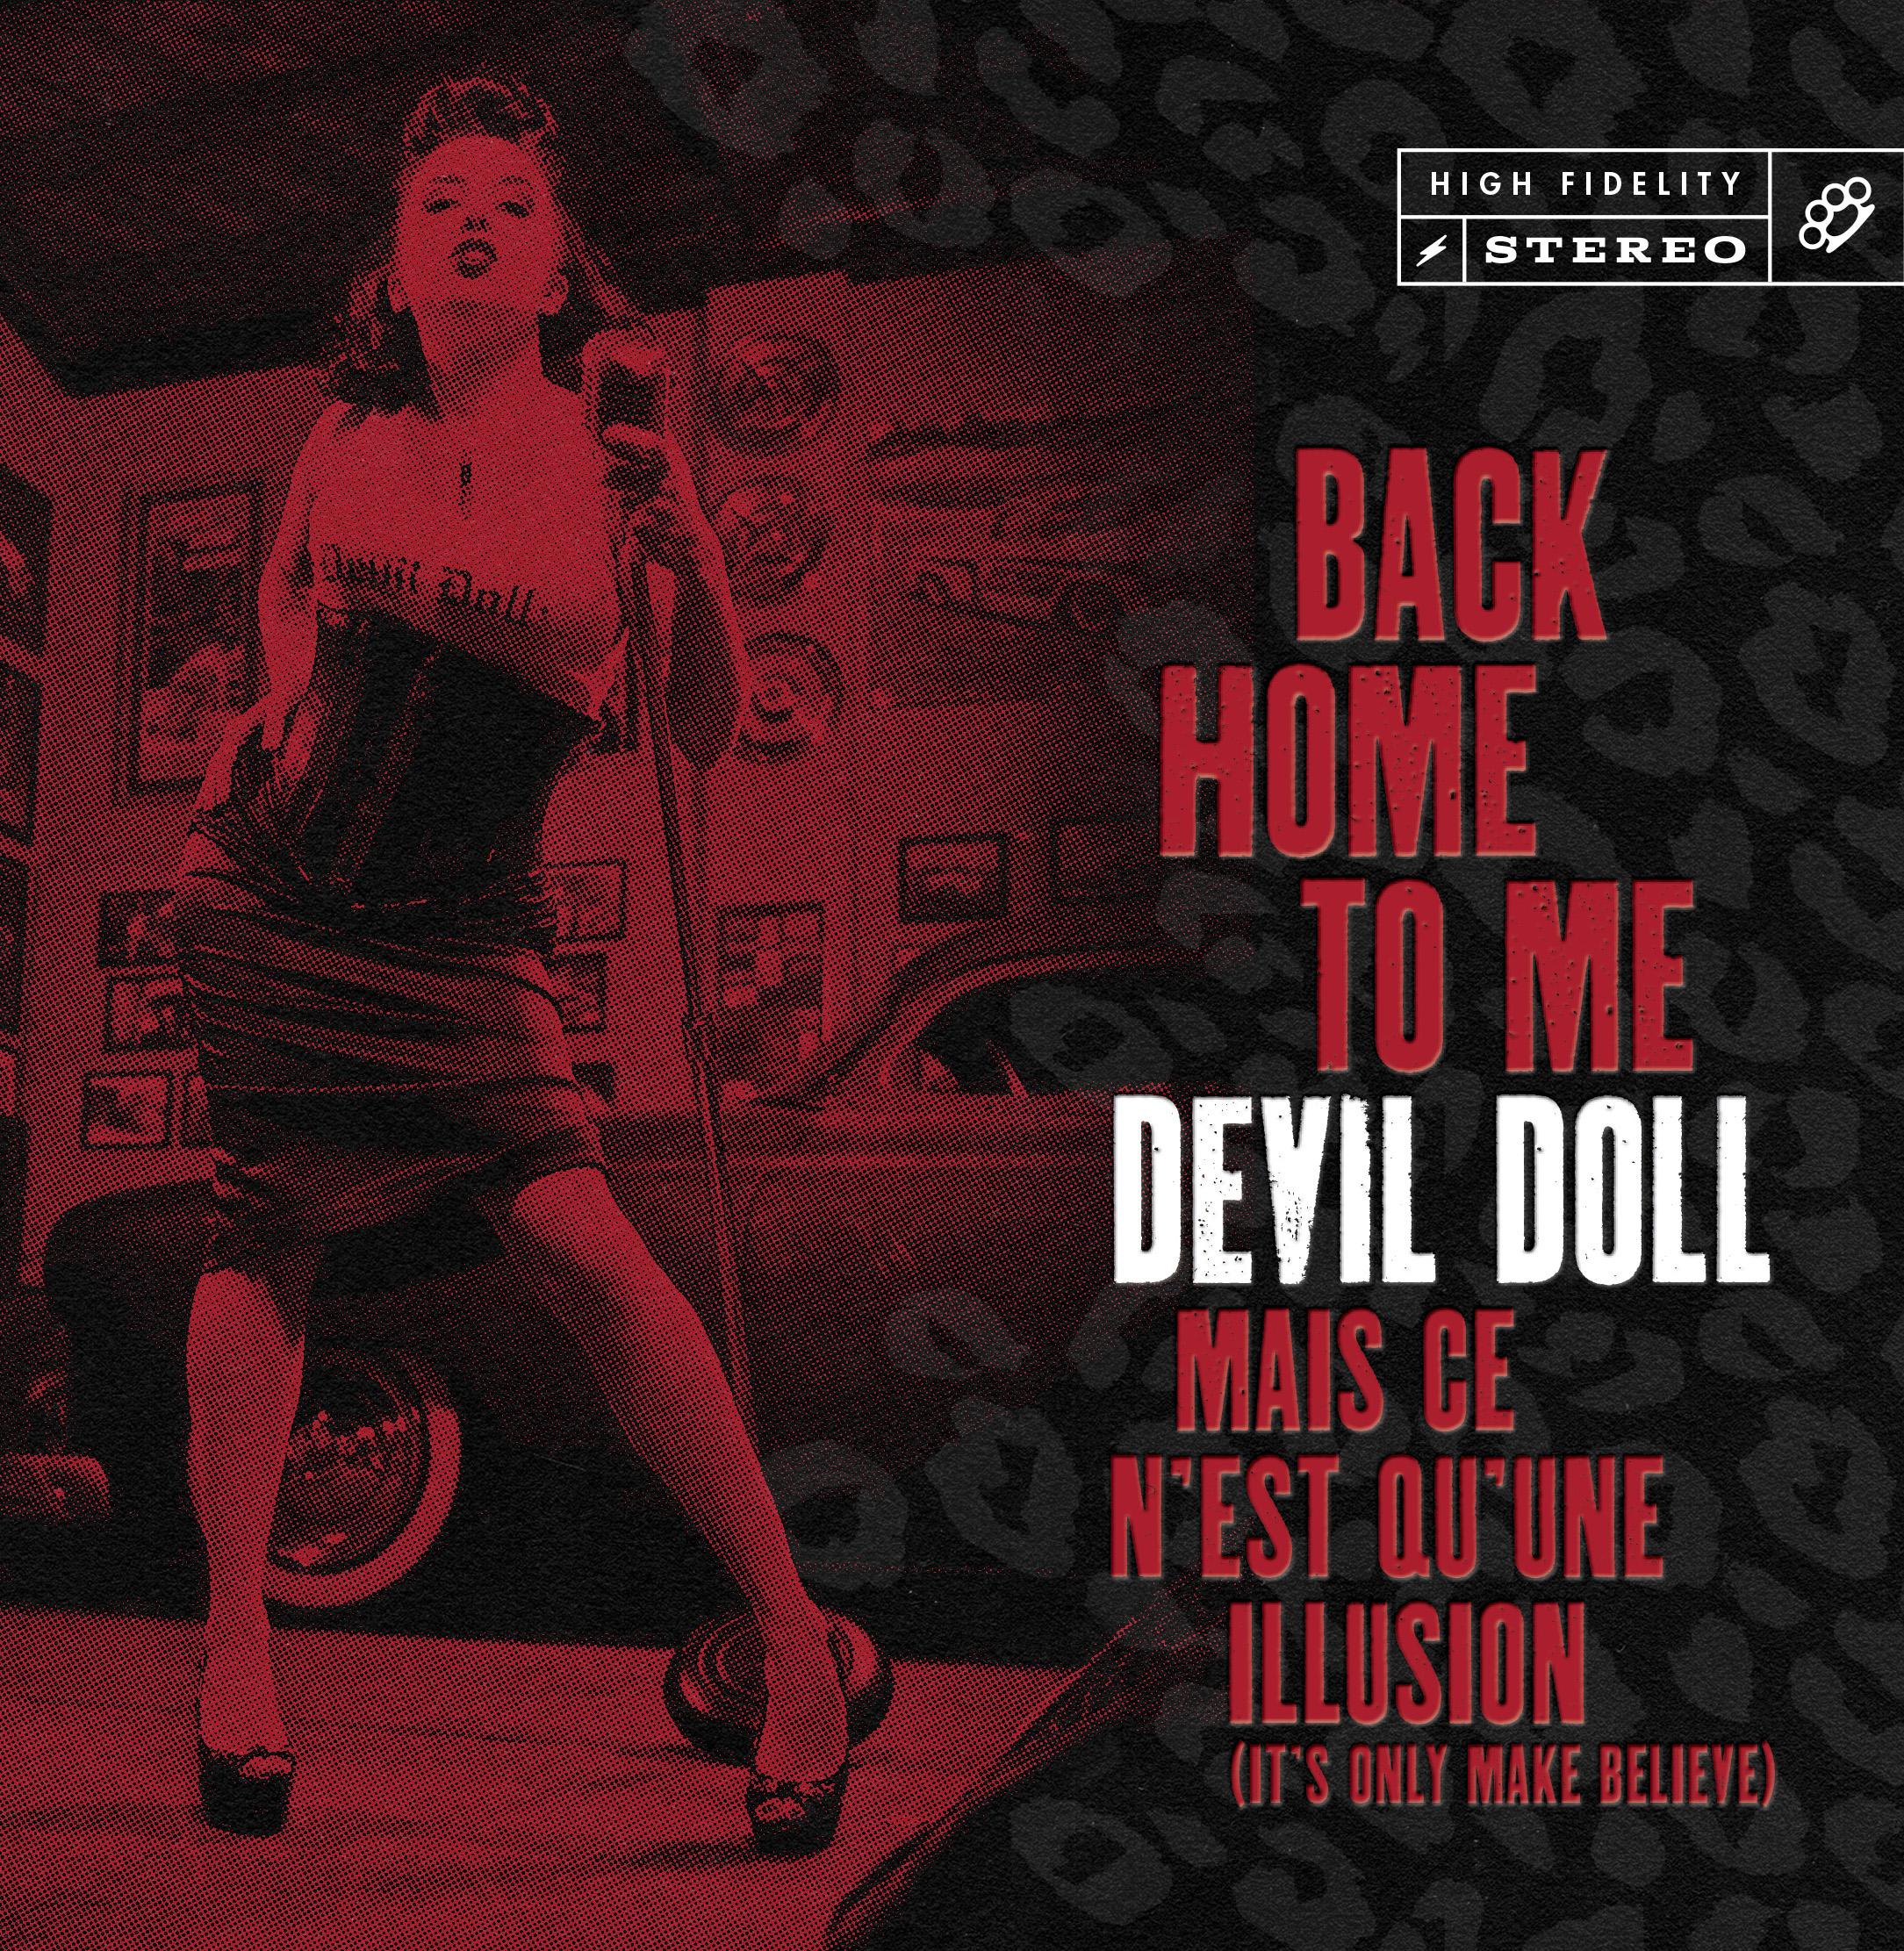 DevilDoll_7inJacket_front.jpg